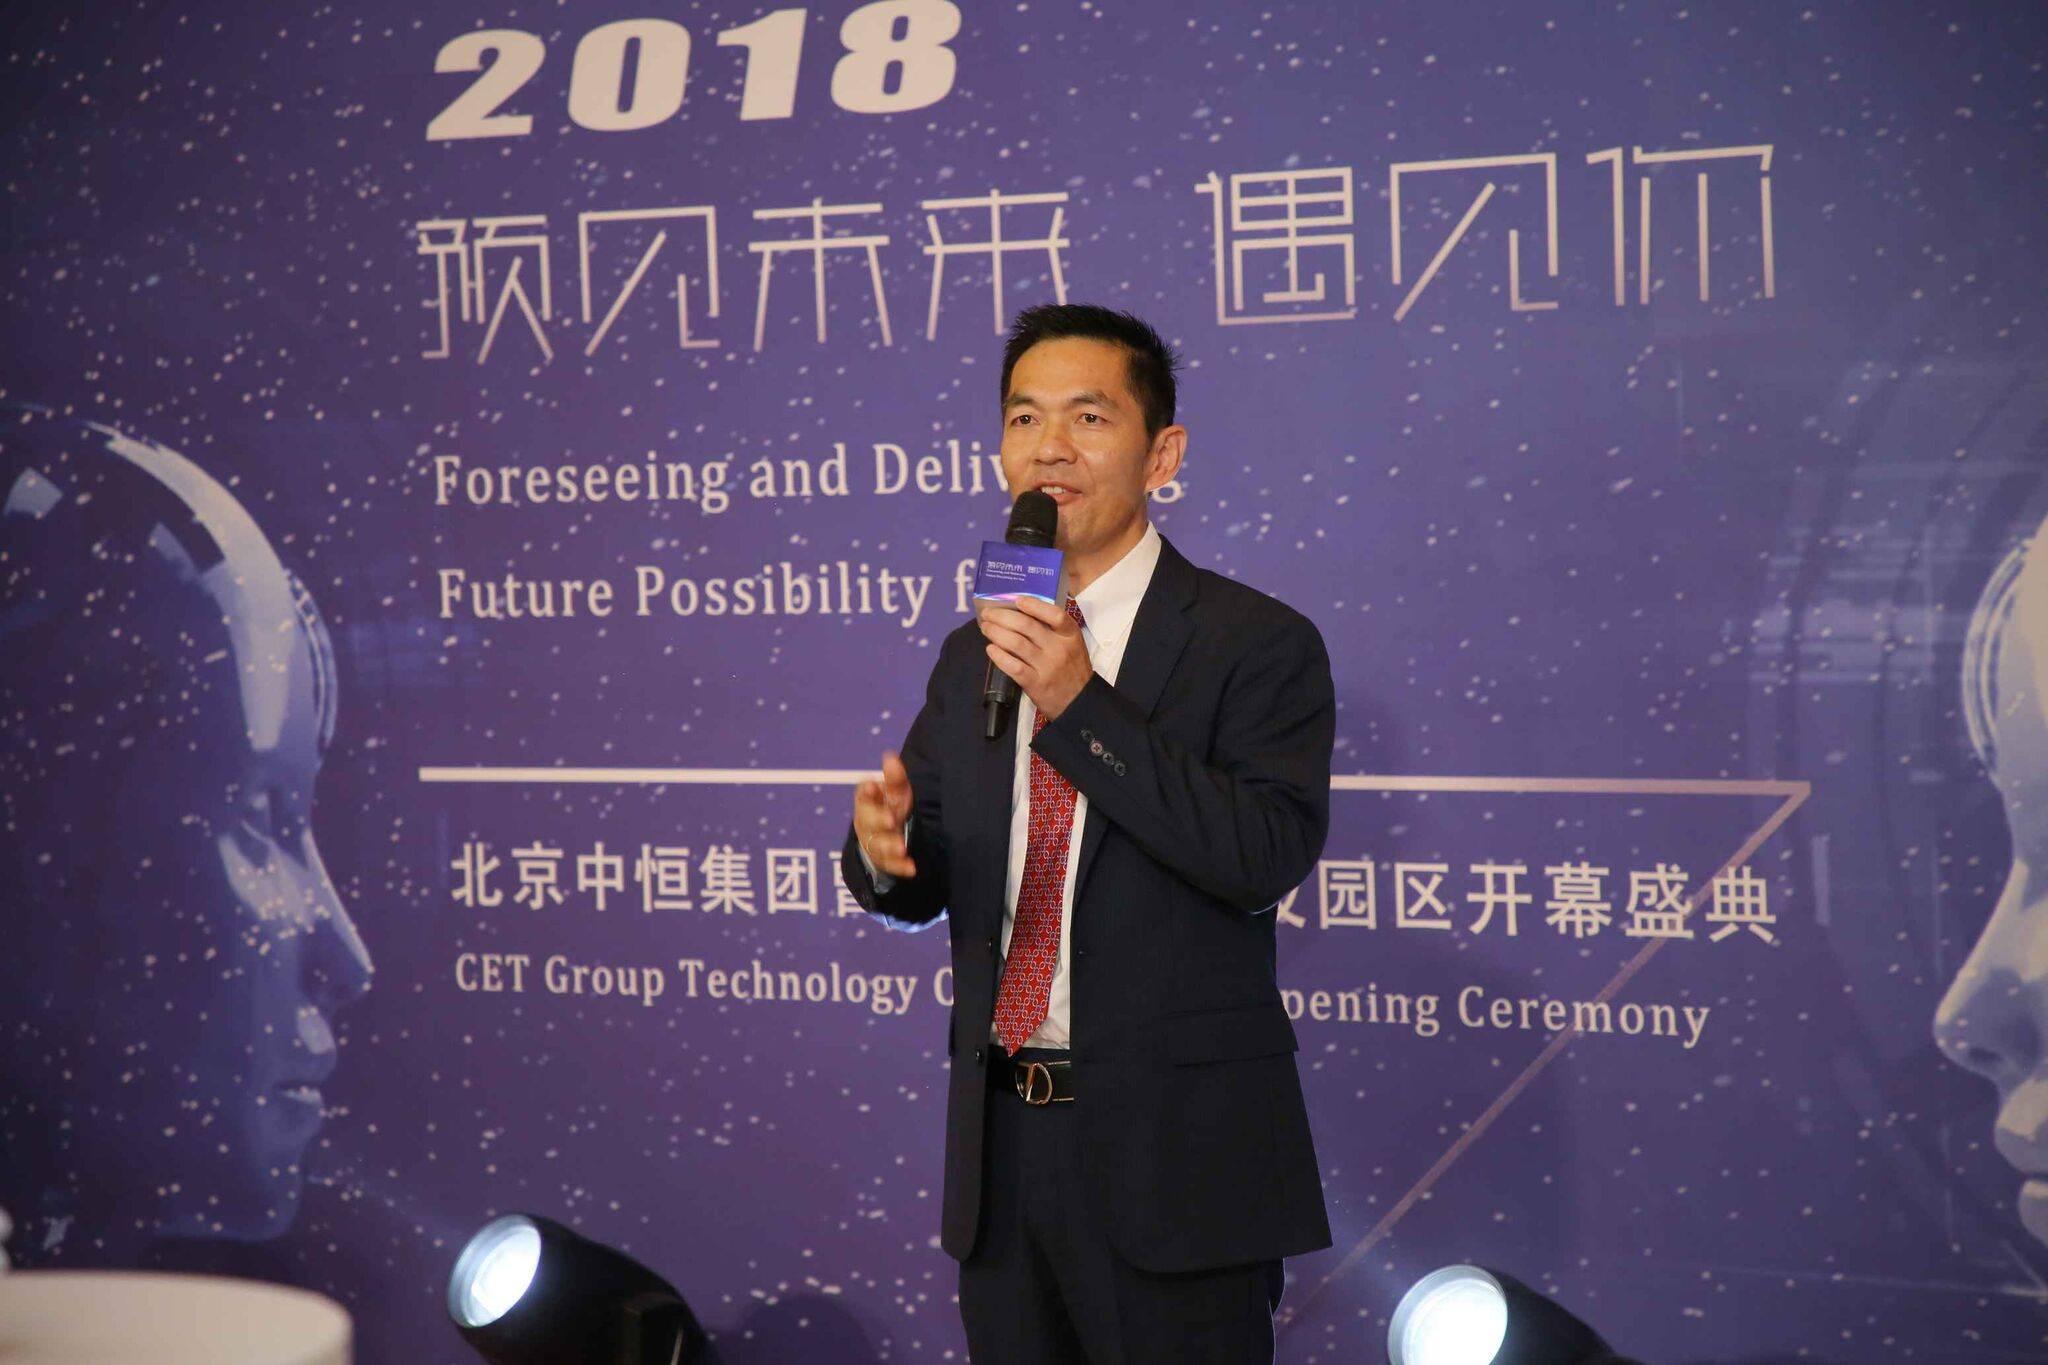 Торжественная Церемония Открытия Центра CET Imaging Technology